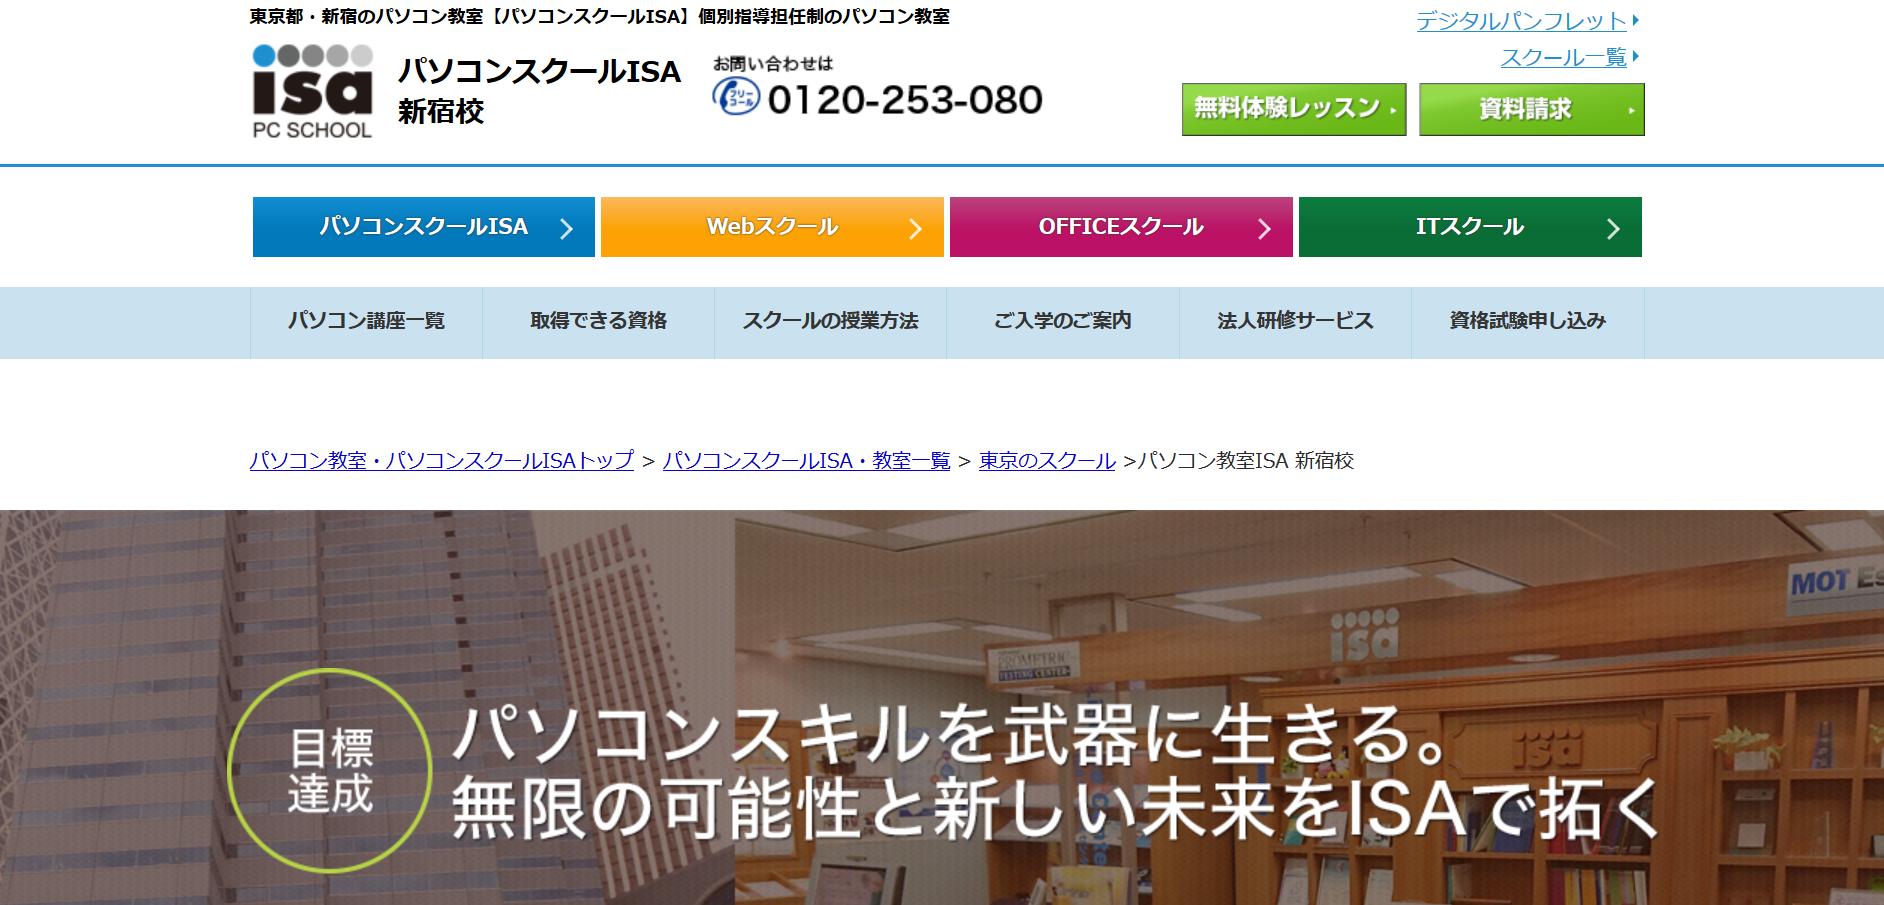 パソコンスクールISA 新宿校の評判・口コミ